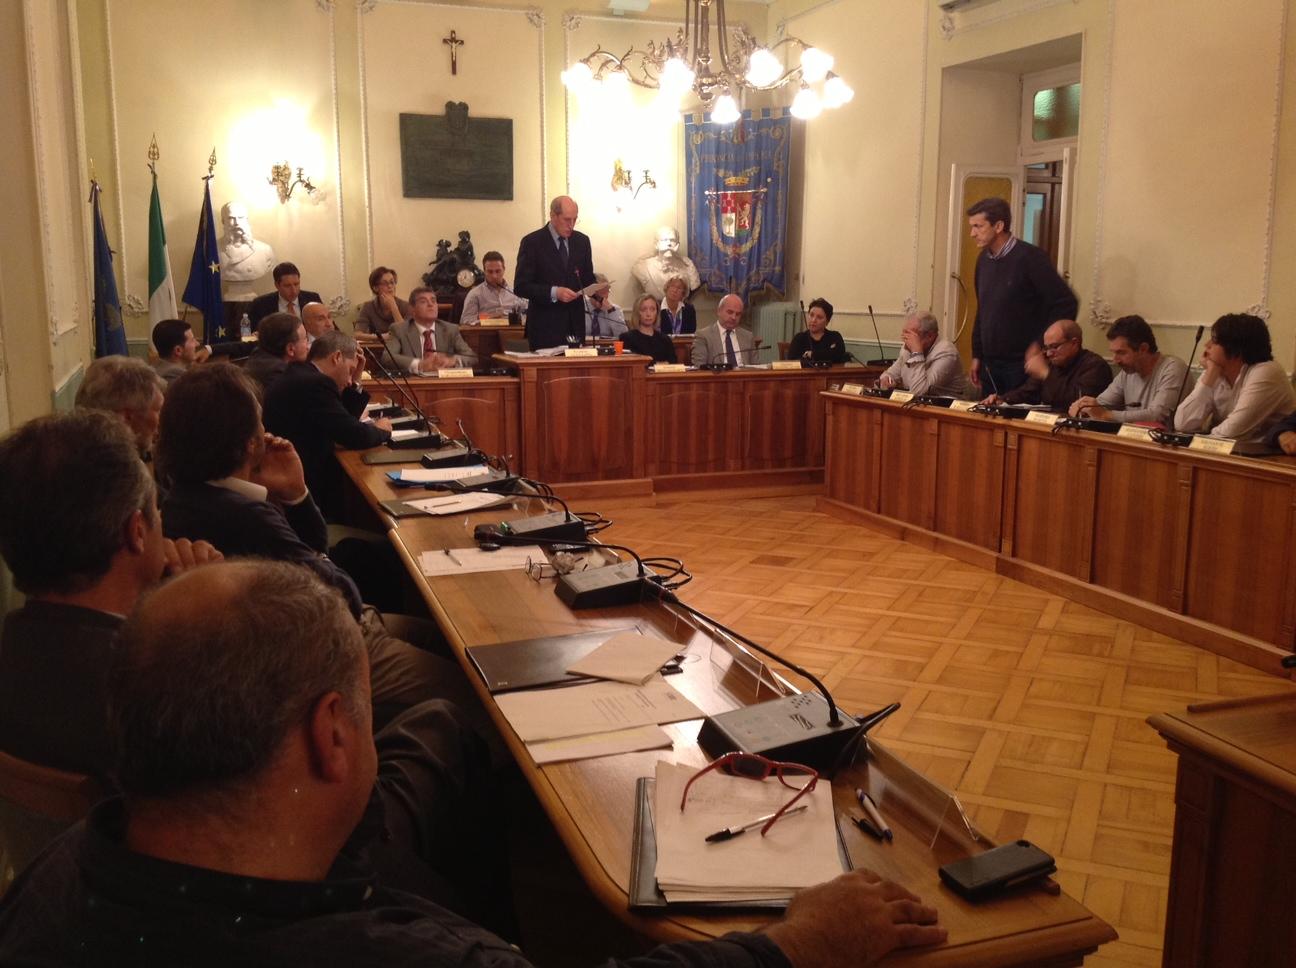 Luned 31 marzo si riunisce il consiglio provinciale all for Camera dei deputati ordine del giorno